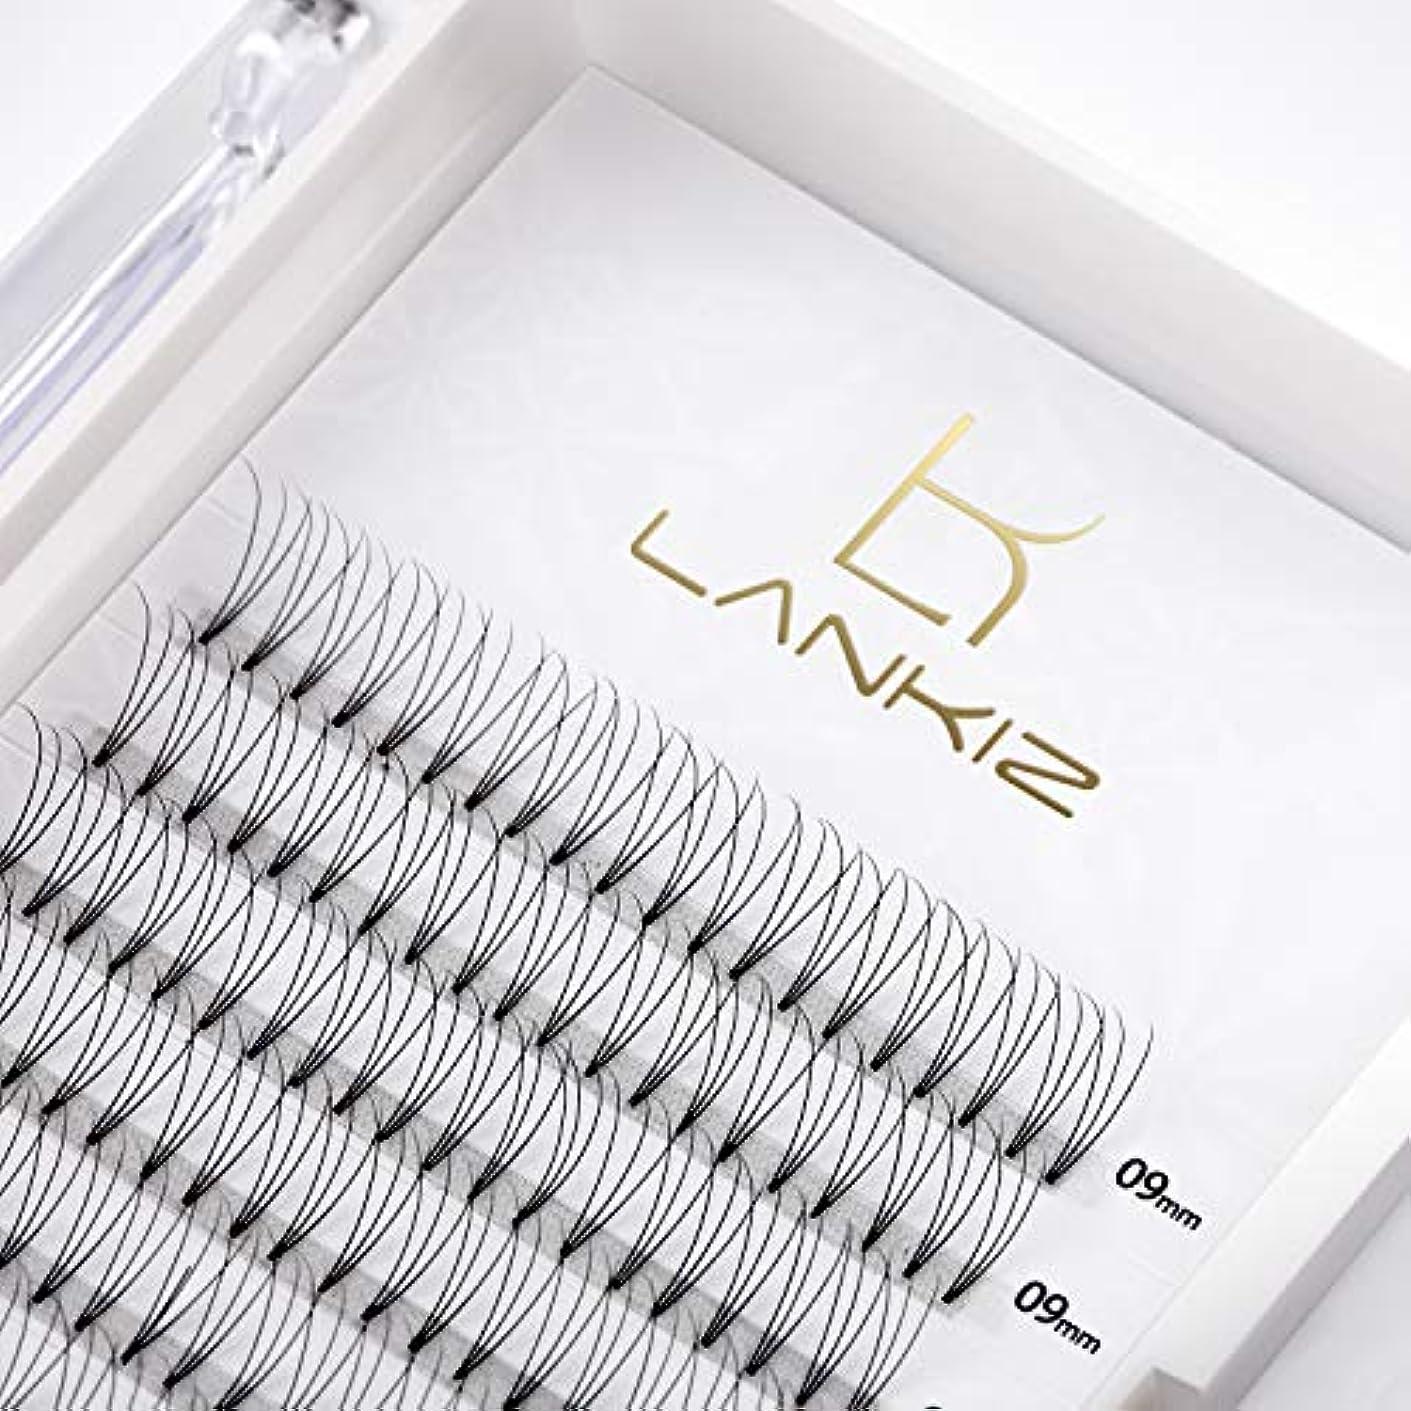 適合する義務づける風LANKIZ まつげエクステ 3D ボリュームまつげ Cカール 太さ0.10 10mm 12列 マツエク(3本束)